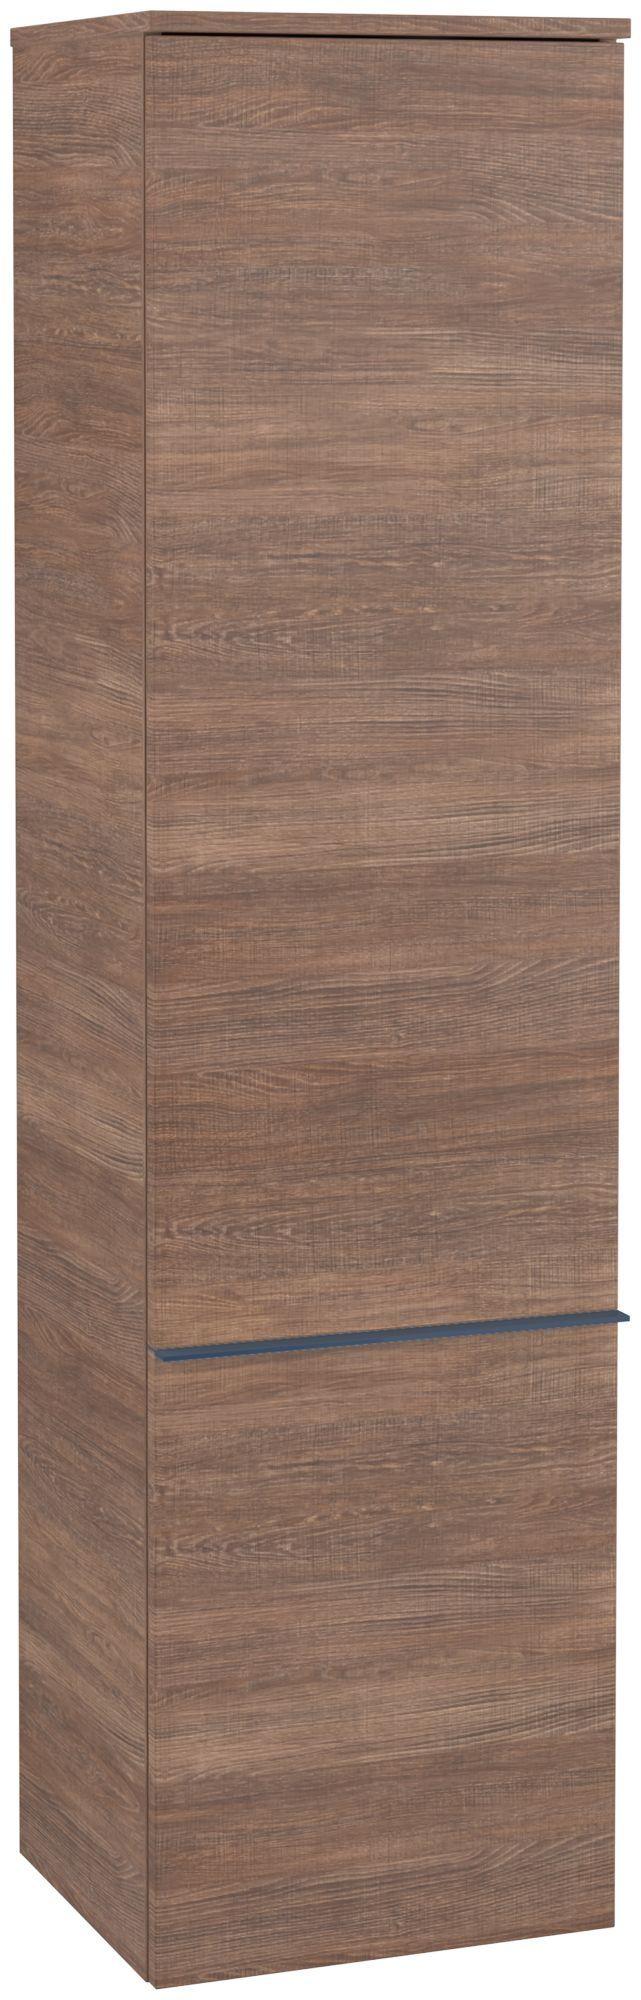 Villeroy & Boch Venticello Hochschrank 1 Tür Anschlag rechts B:404xT:372xH:1546mm santana oak Griffe blau A95114E1